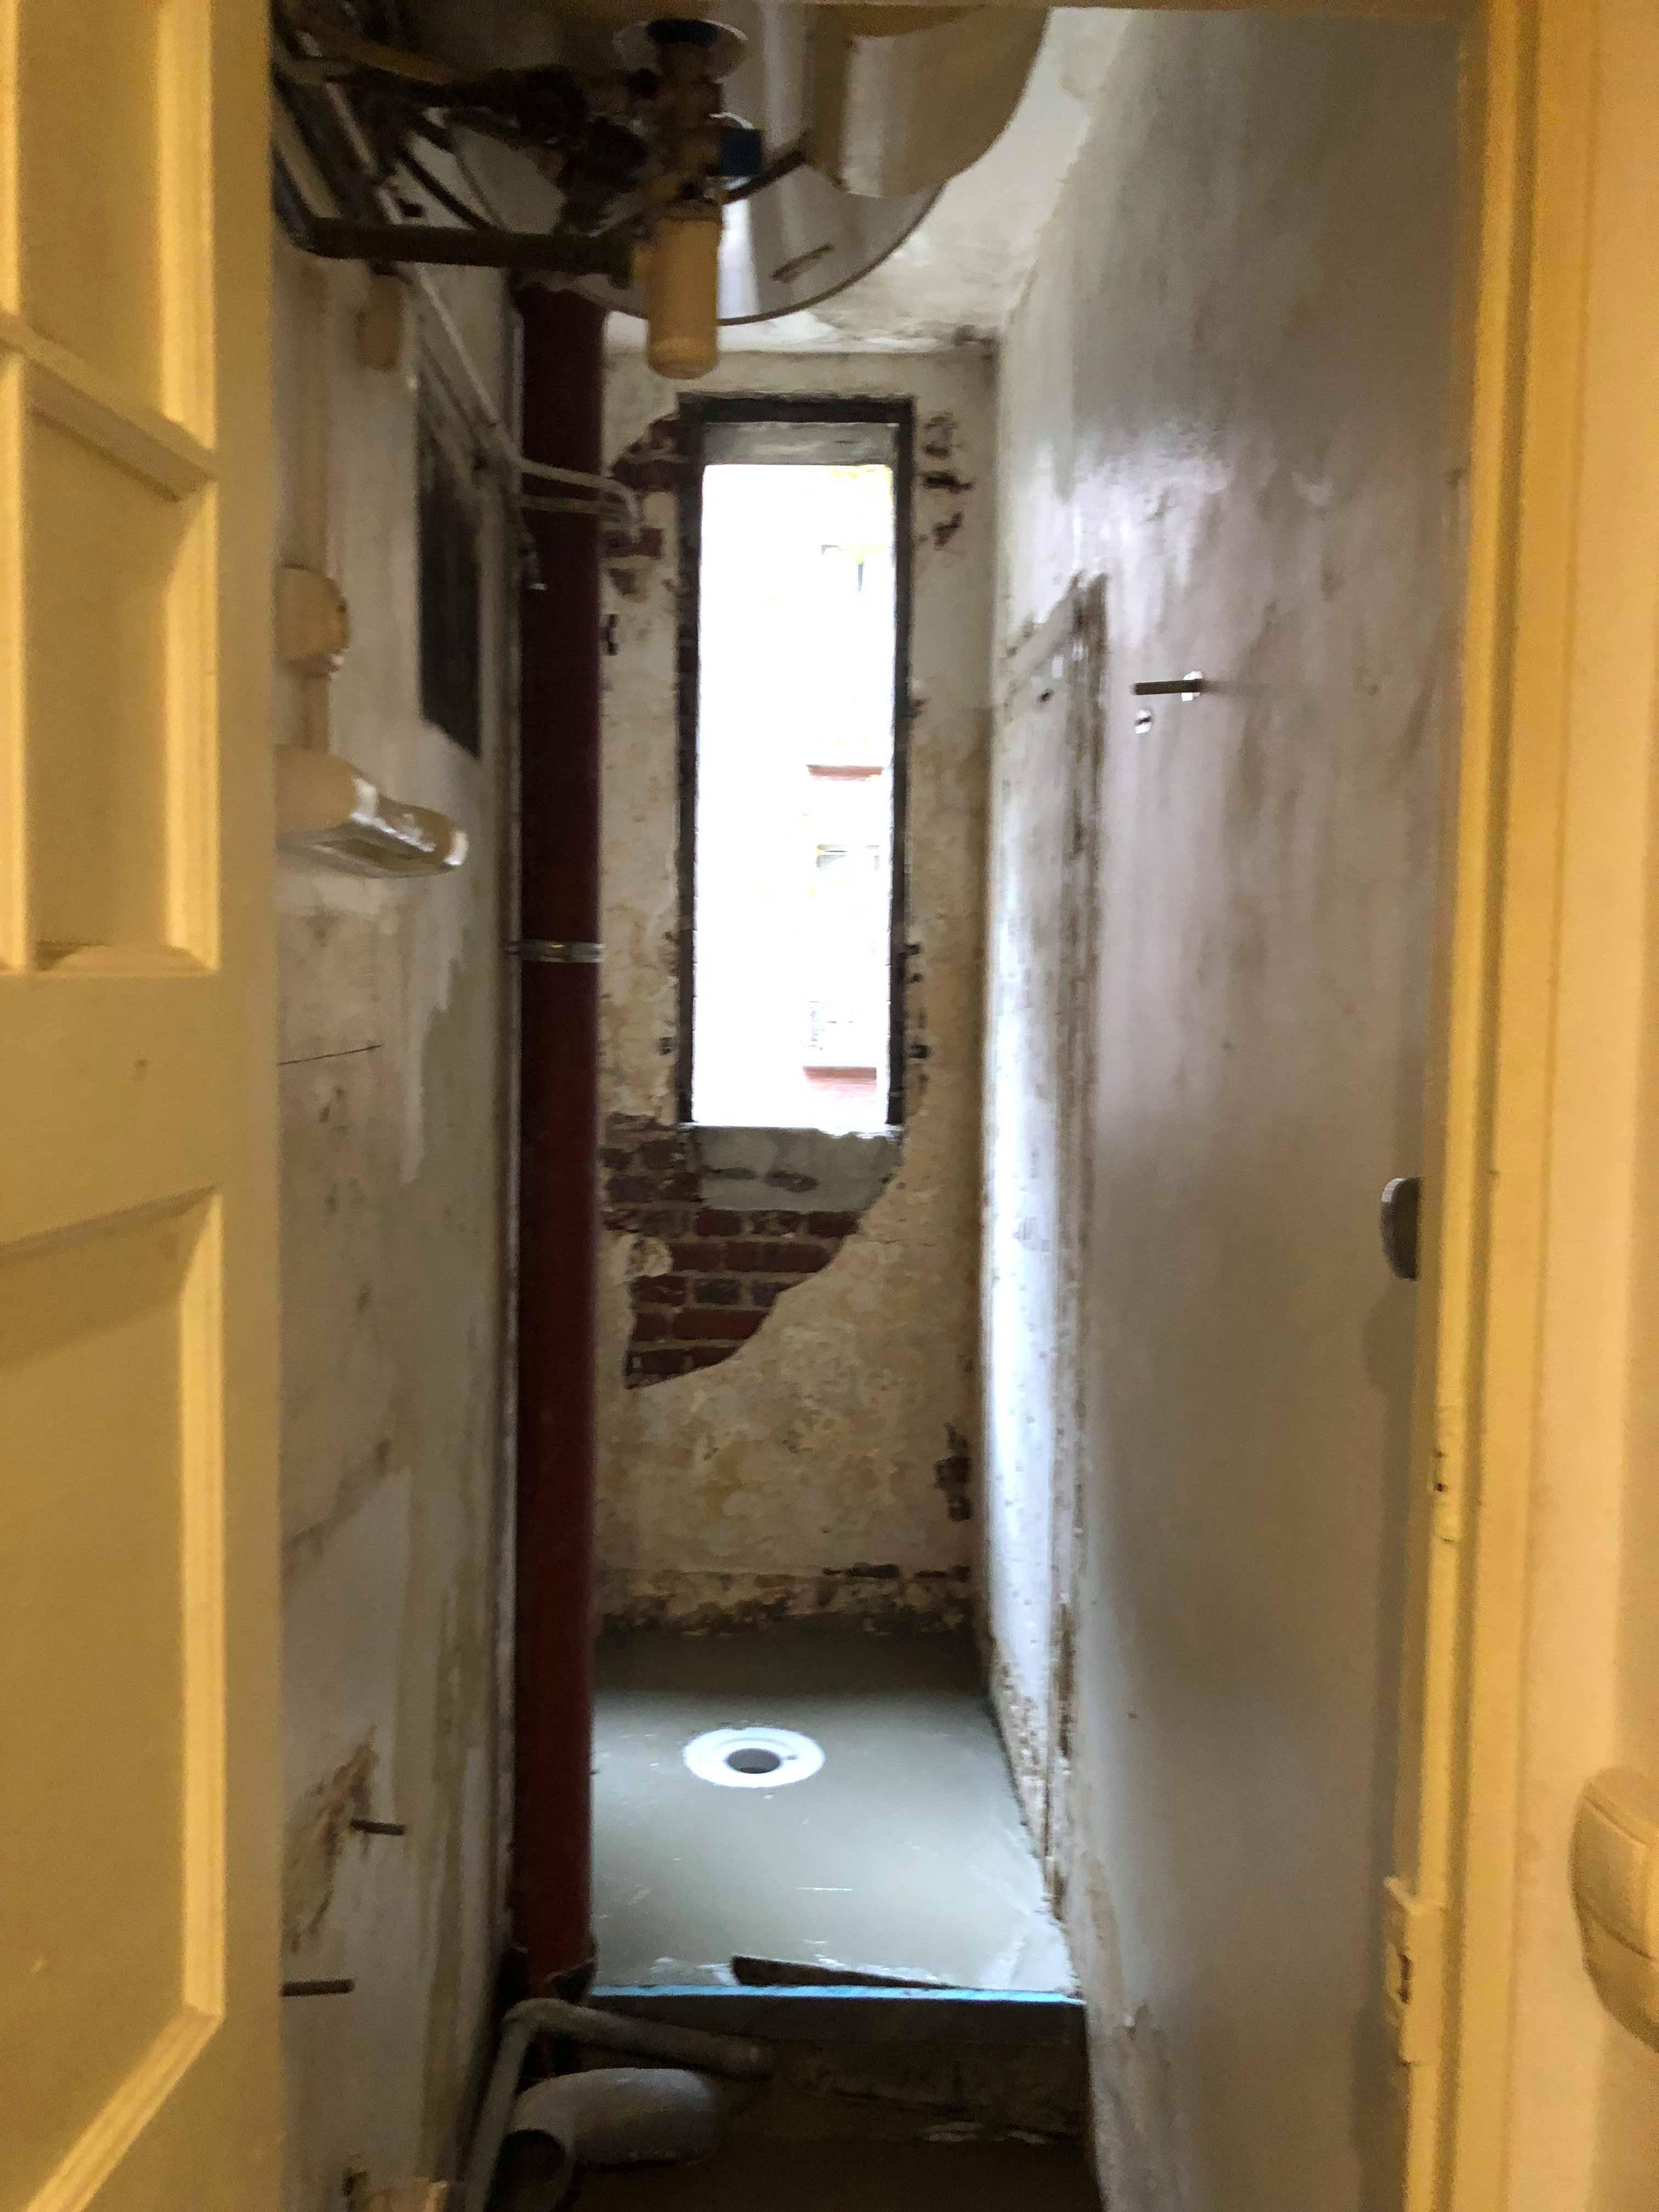 entreprise-generale-texas-batiment-mohamed-soliman-rge-travaux-renovation-salle-de-bain-carrelage-plomberie-douche-a-l-italienne-espace-moderne-sobre-6